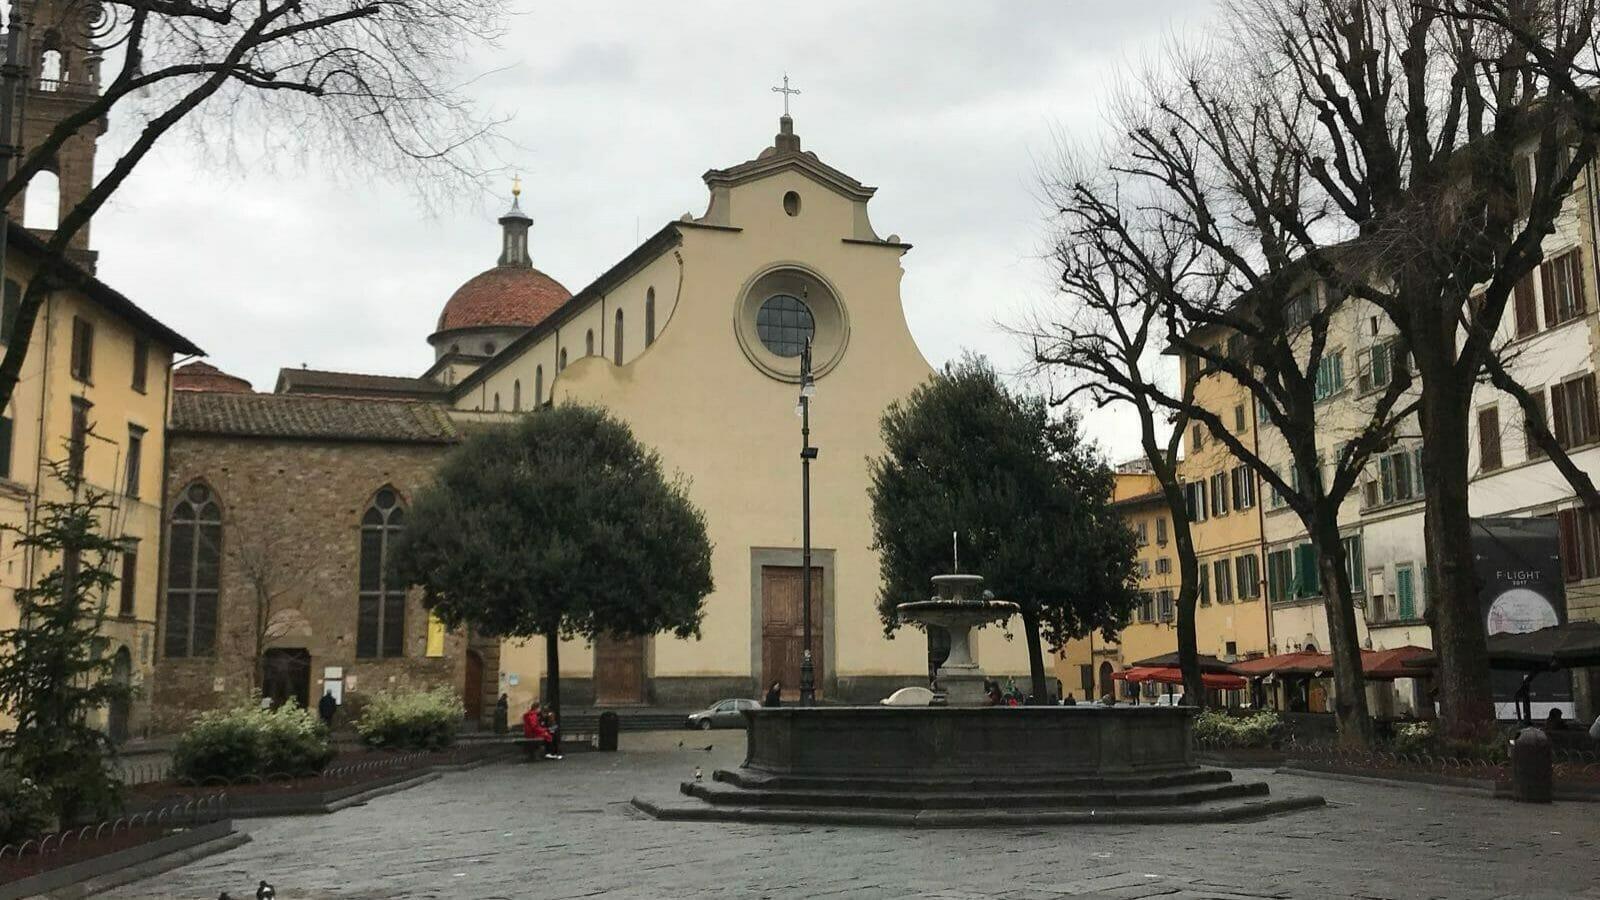 Cosa vedere a Firenze in un giorno: percorsi e suggerimenti per scoprire la città affidandosi a Giulia Bacci, Guida Tursitica abilitata per Firenze.